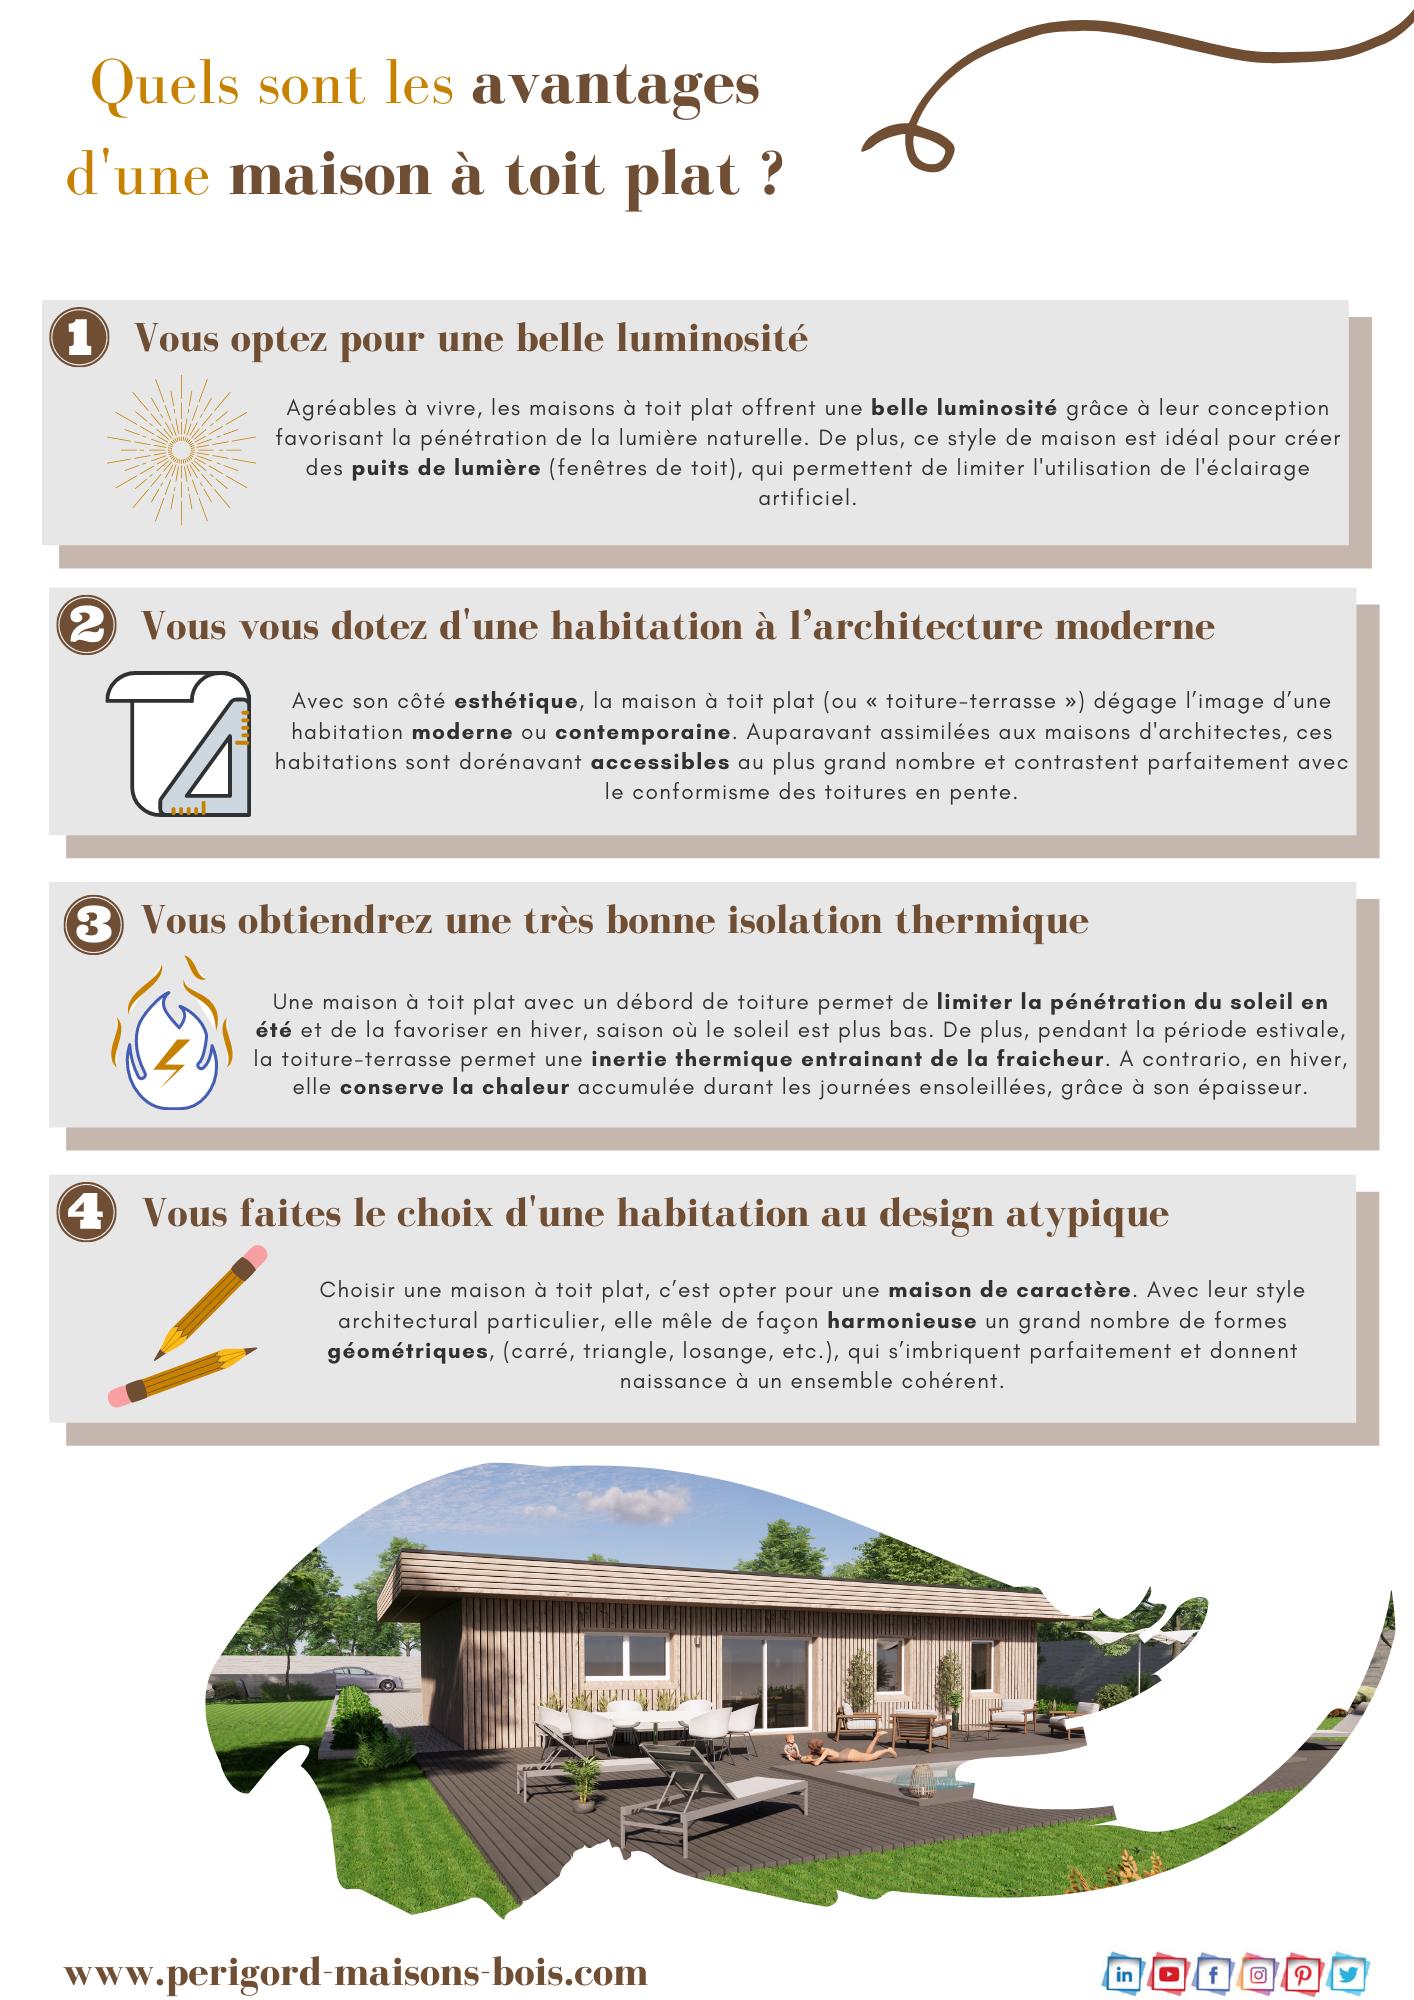 PMB-les-avantages-d-une-maison-a-toit-plat-votre-constructeur-de-maisons-individuelles-maisons-aliénor-périgord-dordogne-corrèze-1